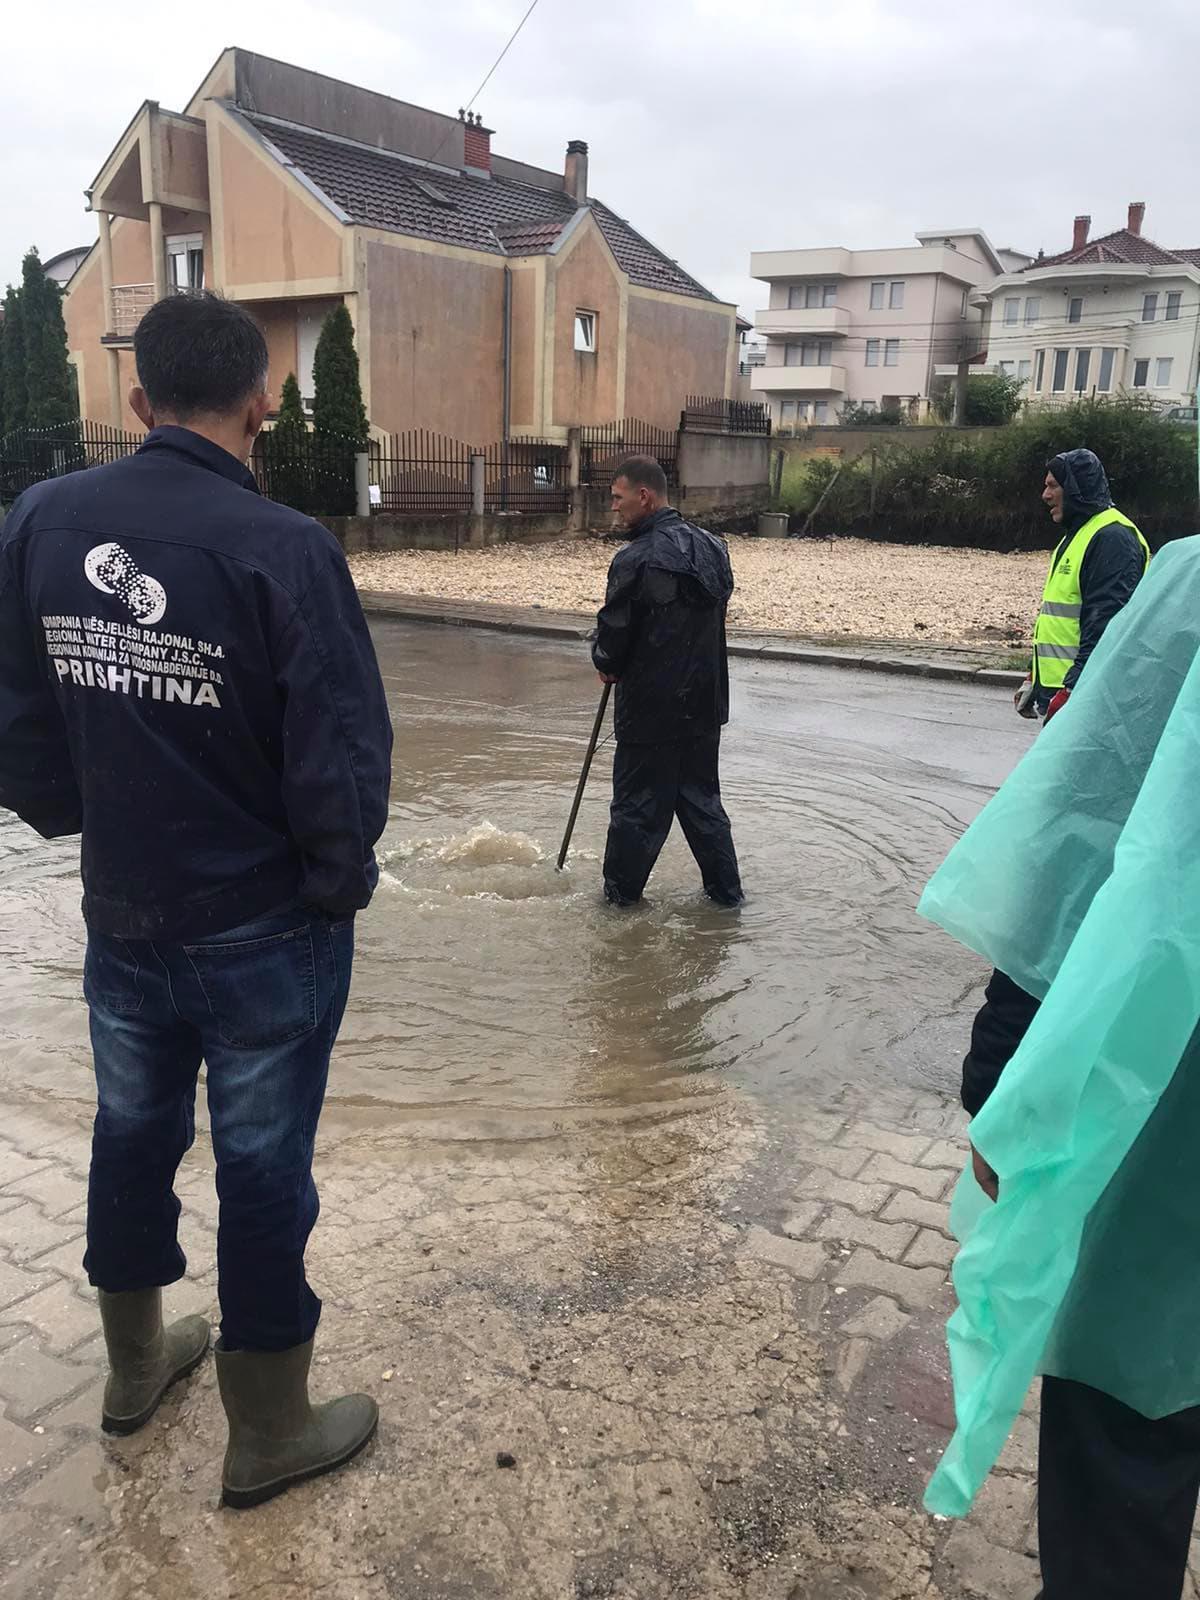 Vërshimet pas reshjeve atmosferike dhe çështja e ujërave fekale  ( kanalizimeve ) ,